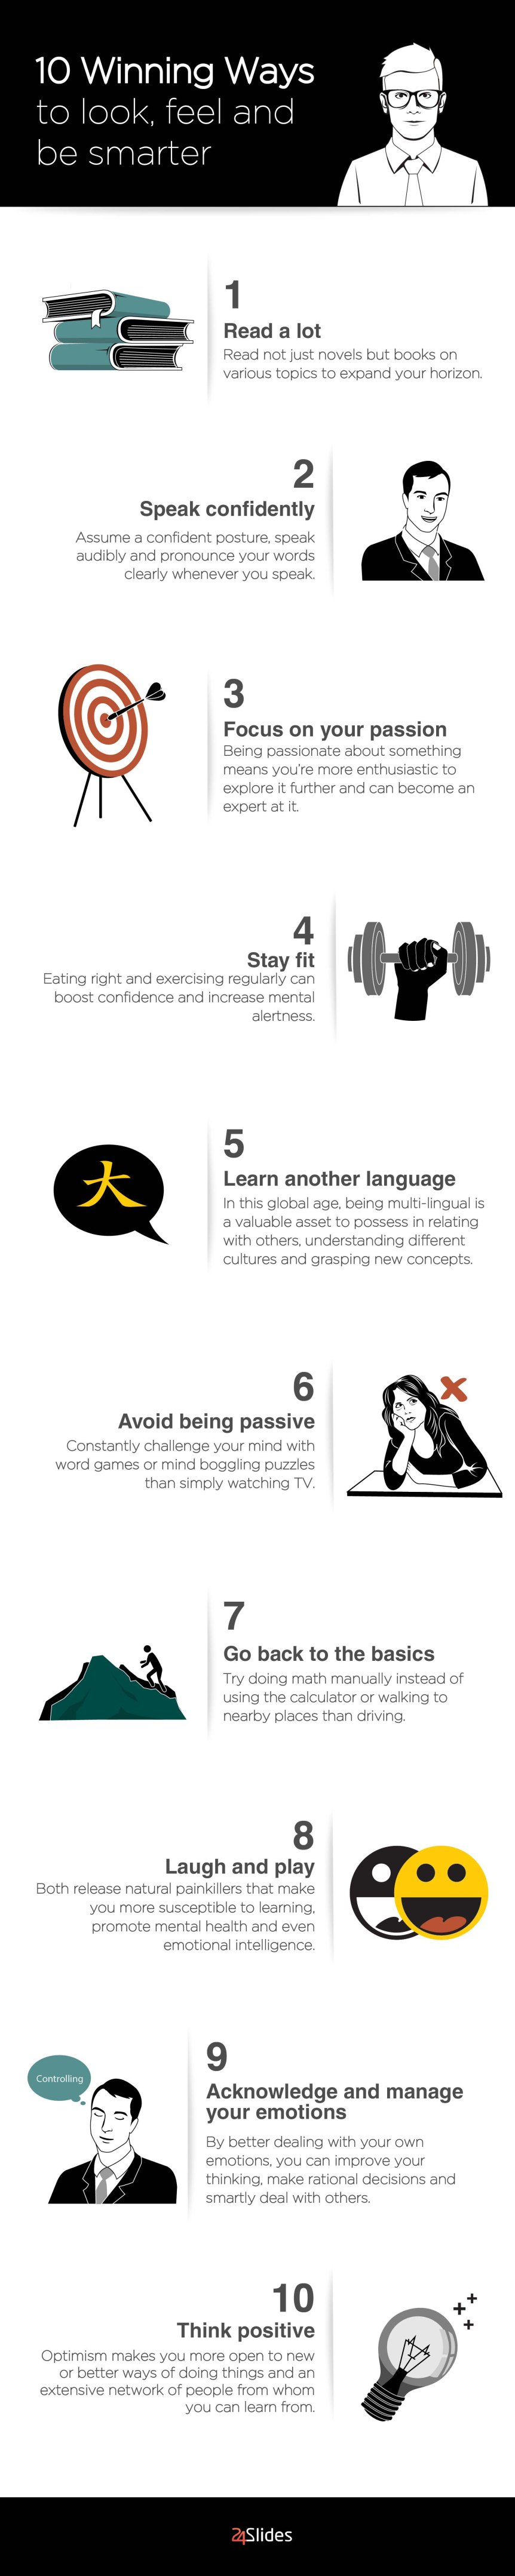 10 way to look smarter-revisi cs5 2